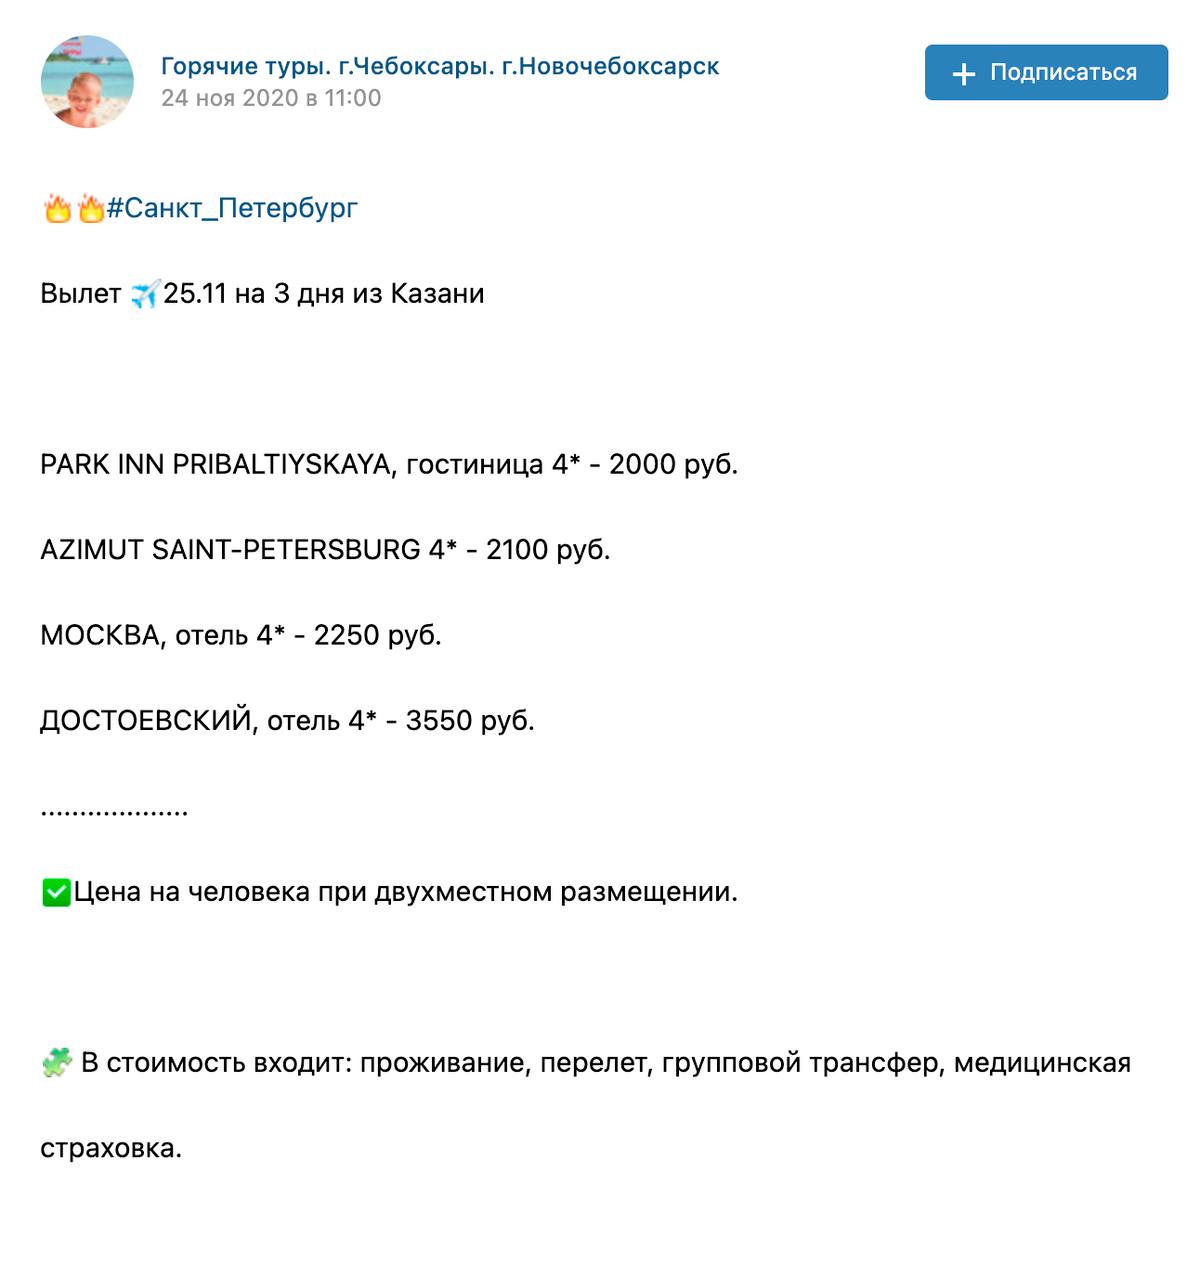 В ноябре 2020 года предлагали тур из Казани в Санкт-Петербург с перелетом и проживанием за 2000<span class=ruble>Р</span> — это дешевле, чем билет на самолет в одну сторону